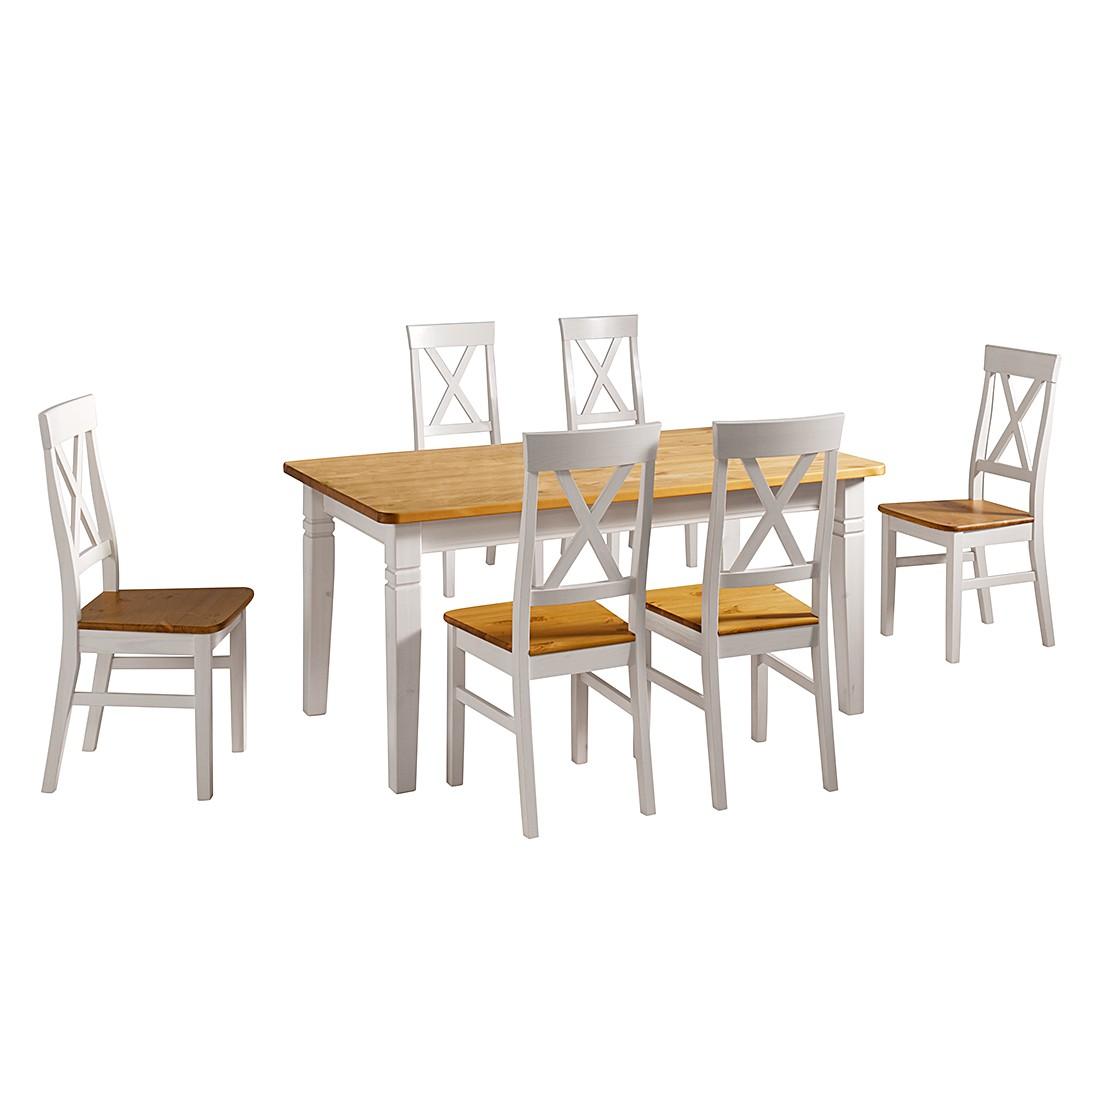 Kchensthle Und Tisch. Simple Awesome Kchensthle Und Tisch With ...